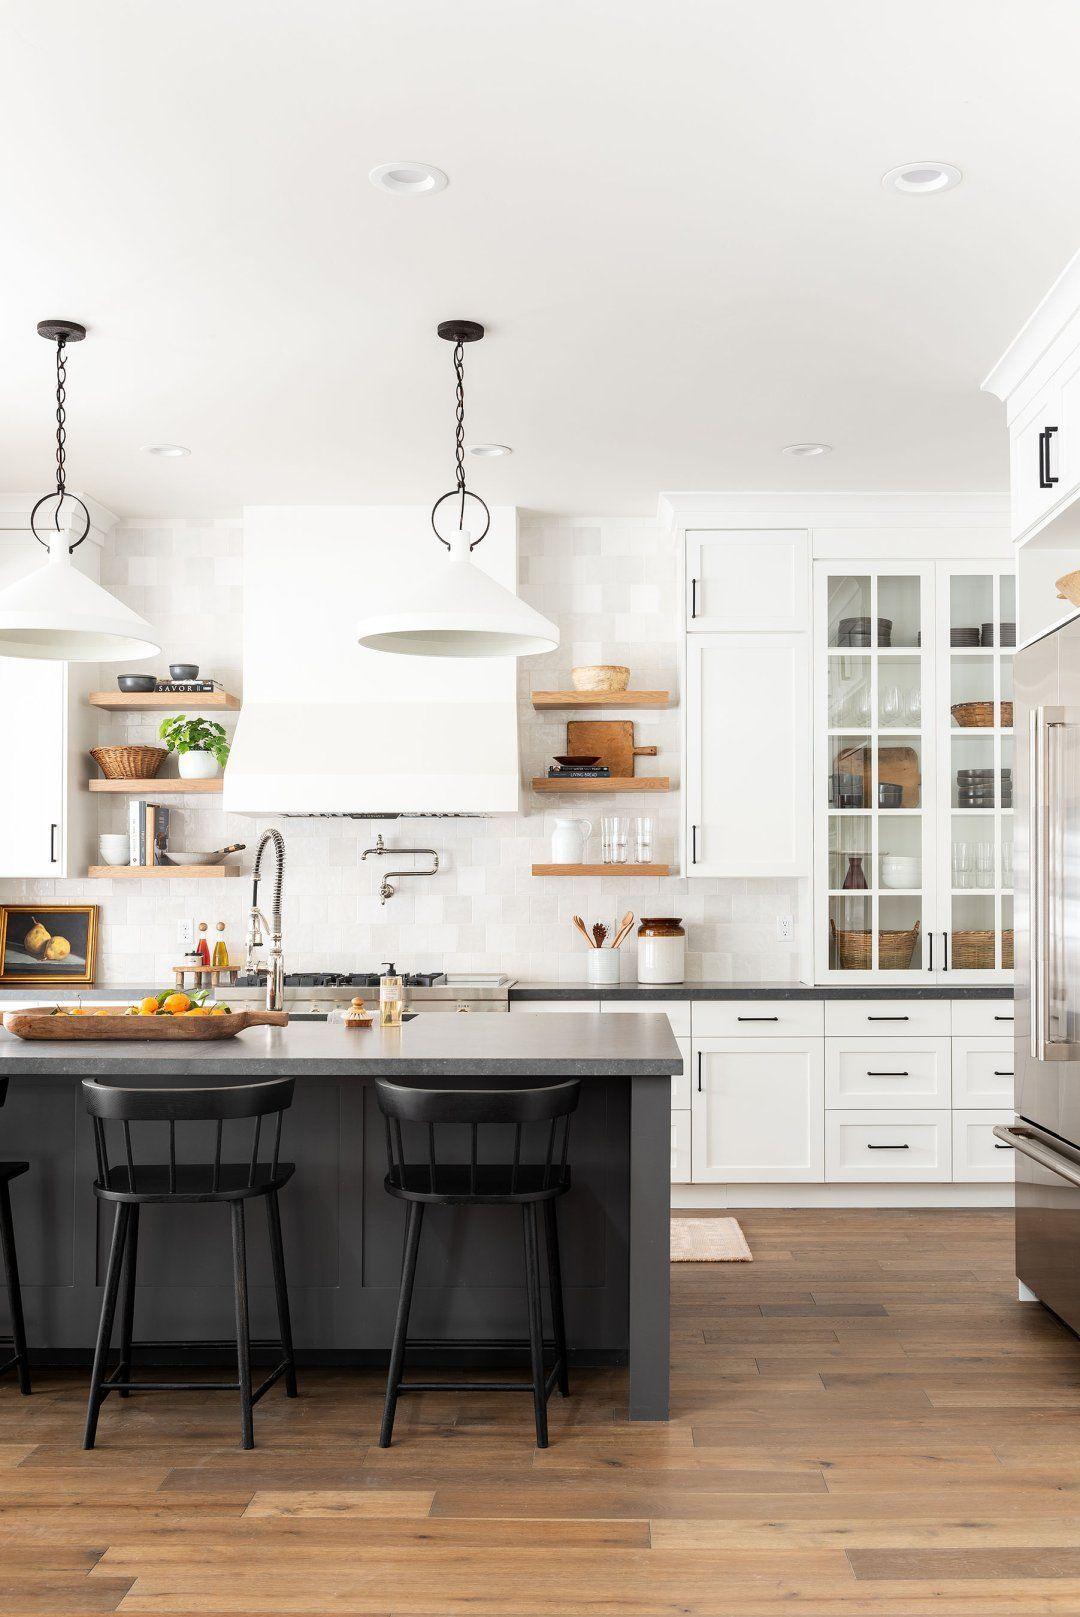 Gallery Kitchen Design Kitchen Design Photo Galleries Free